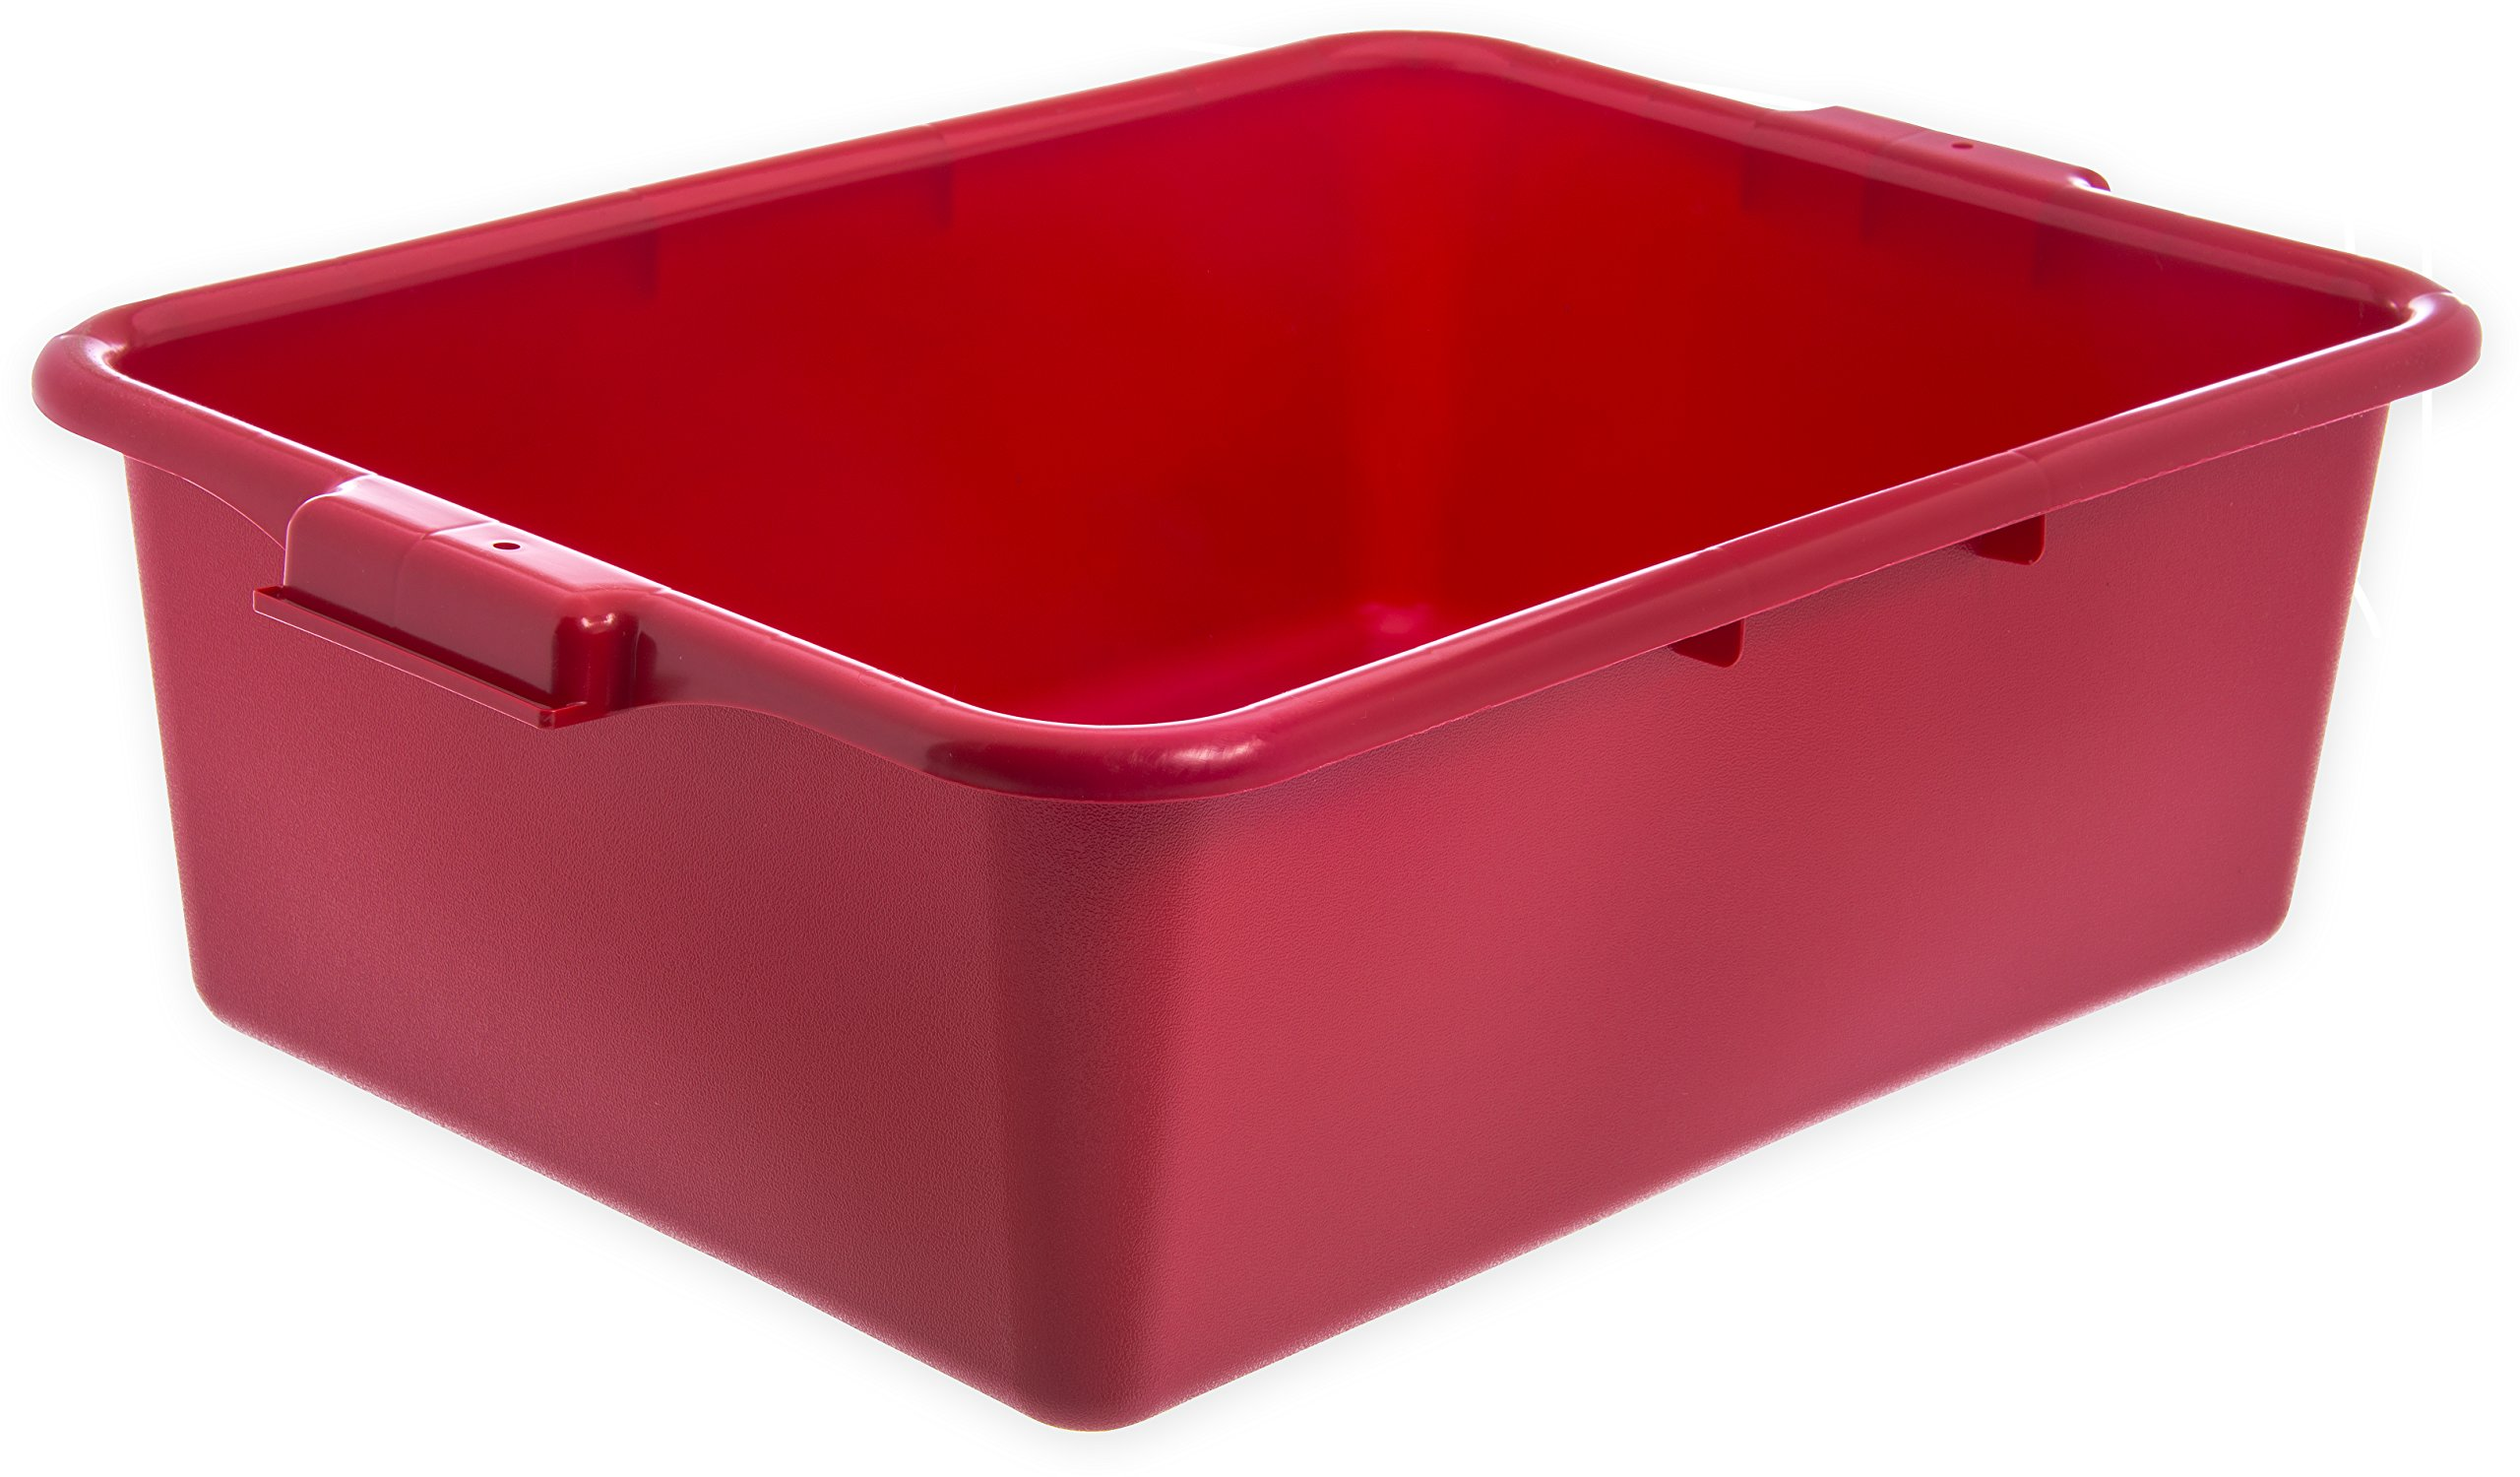 Carlisle N4401105 Comfort Curve Ergonomic Wash Basin Tote Box, 7'' Deep, Red (Pack of 12)